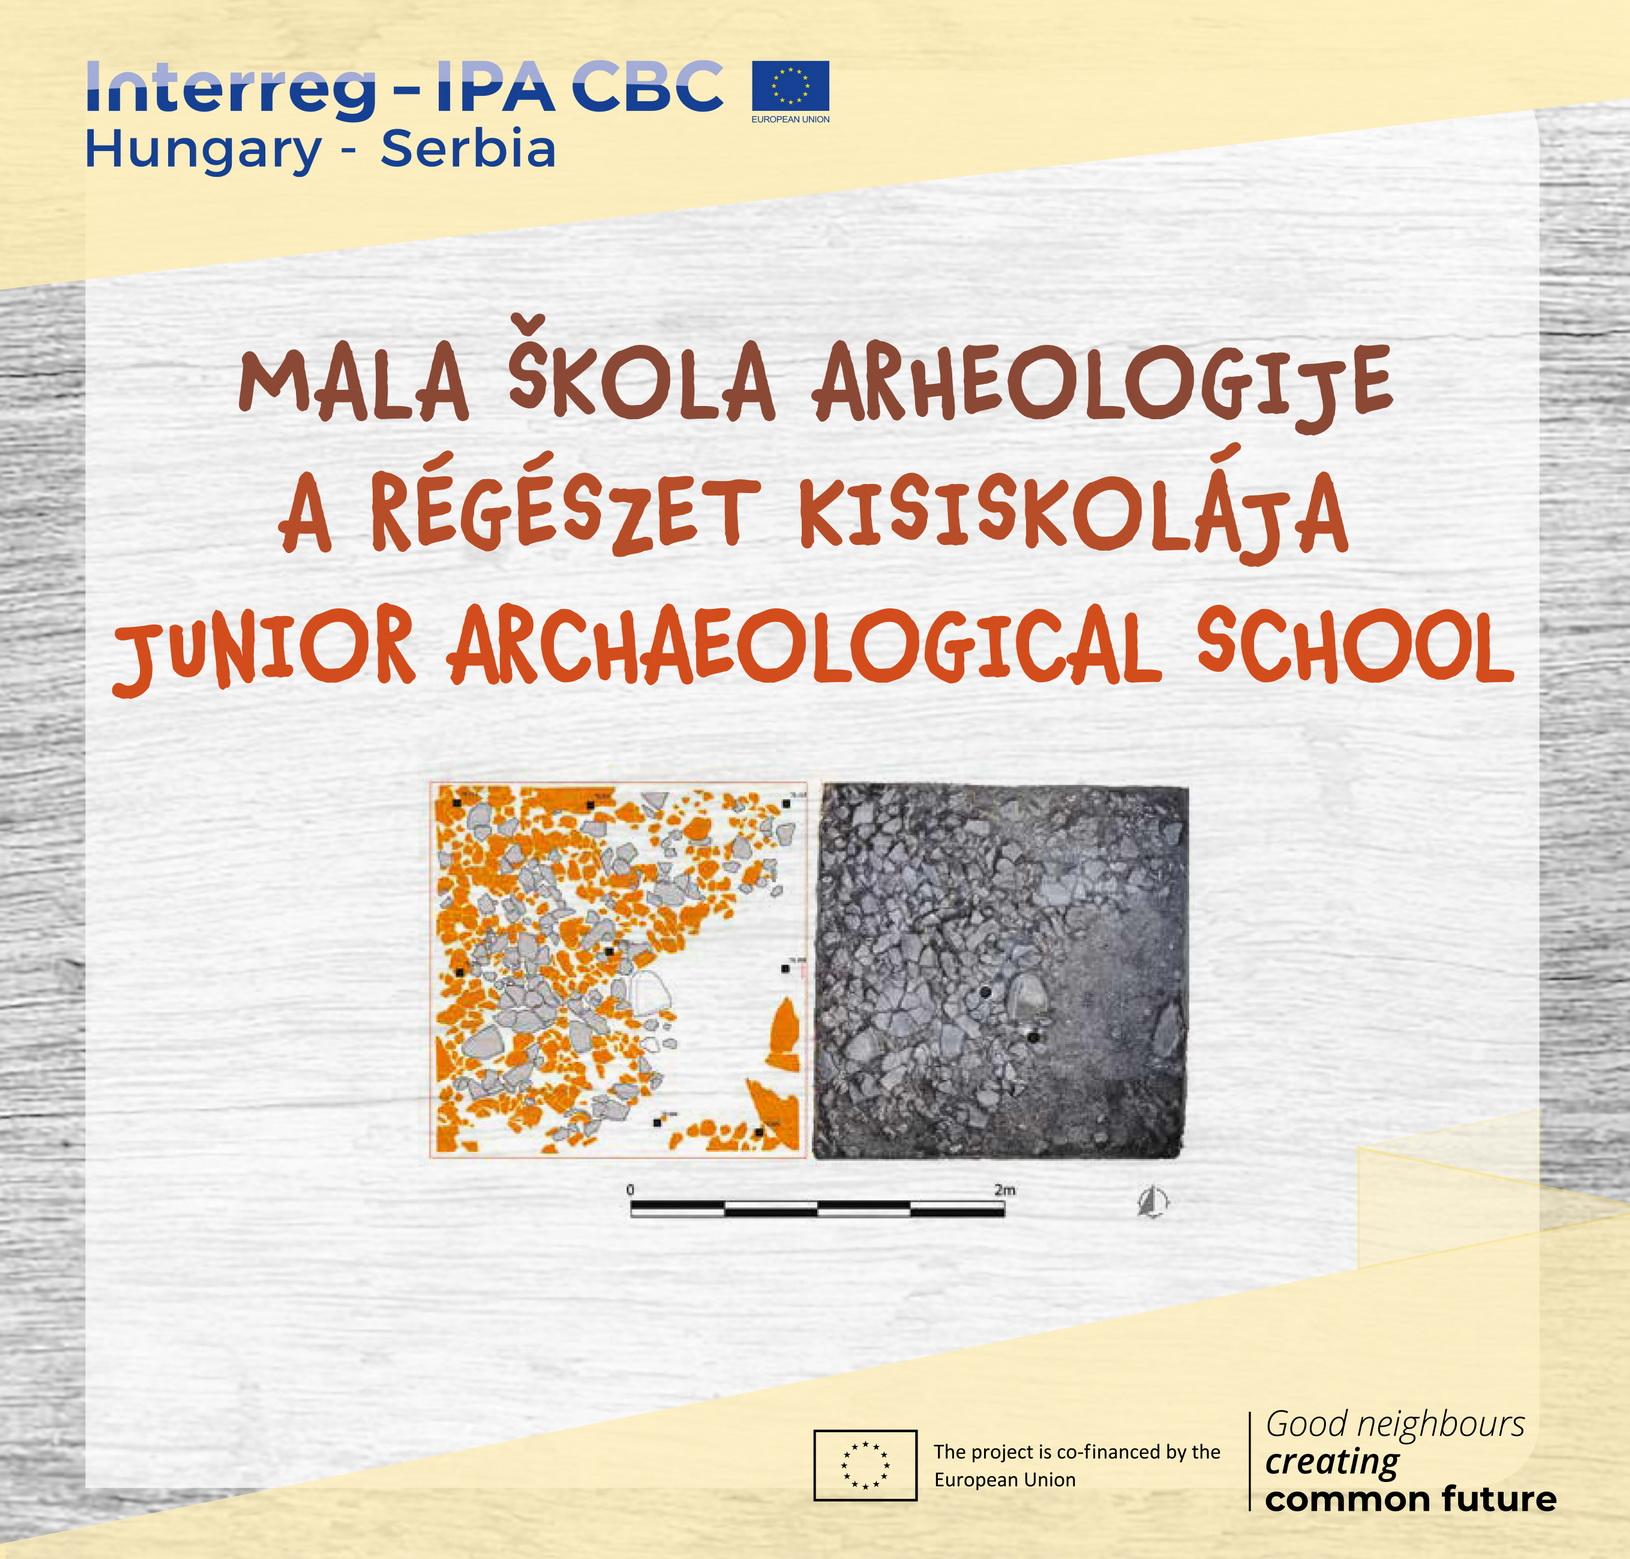 mala-skola-arheologije